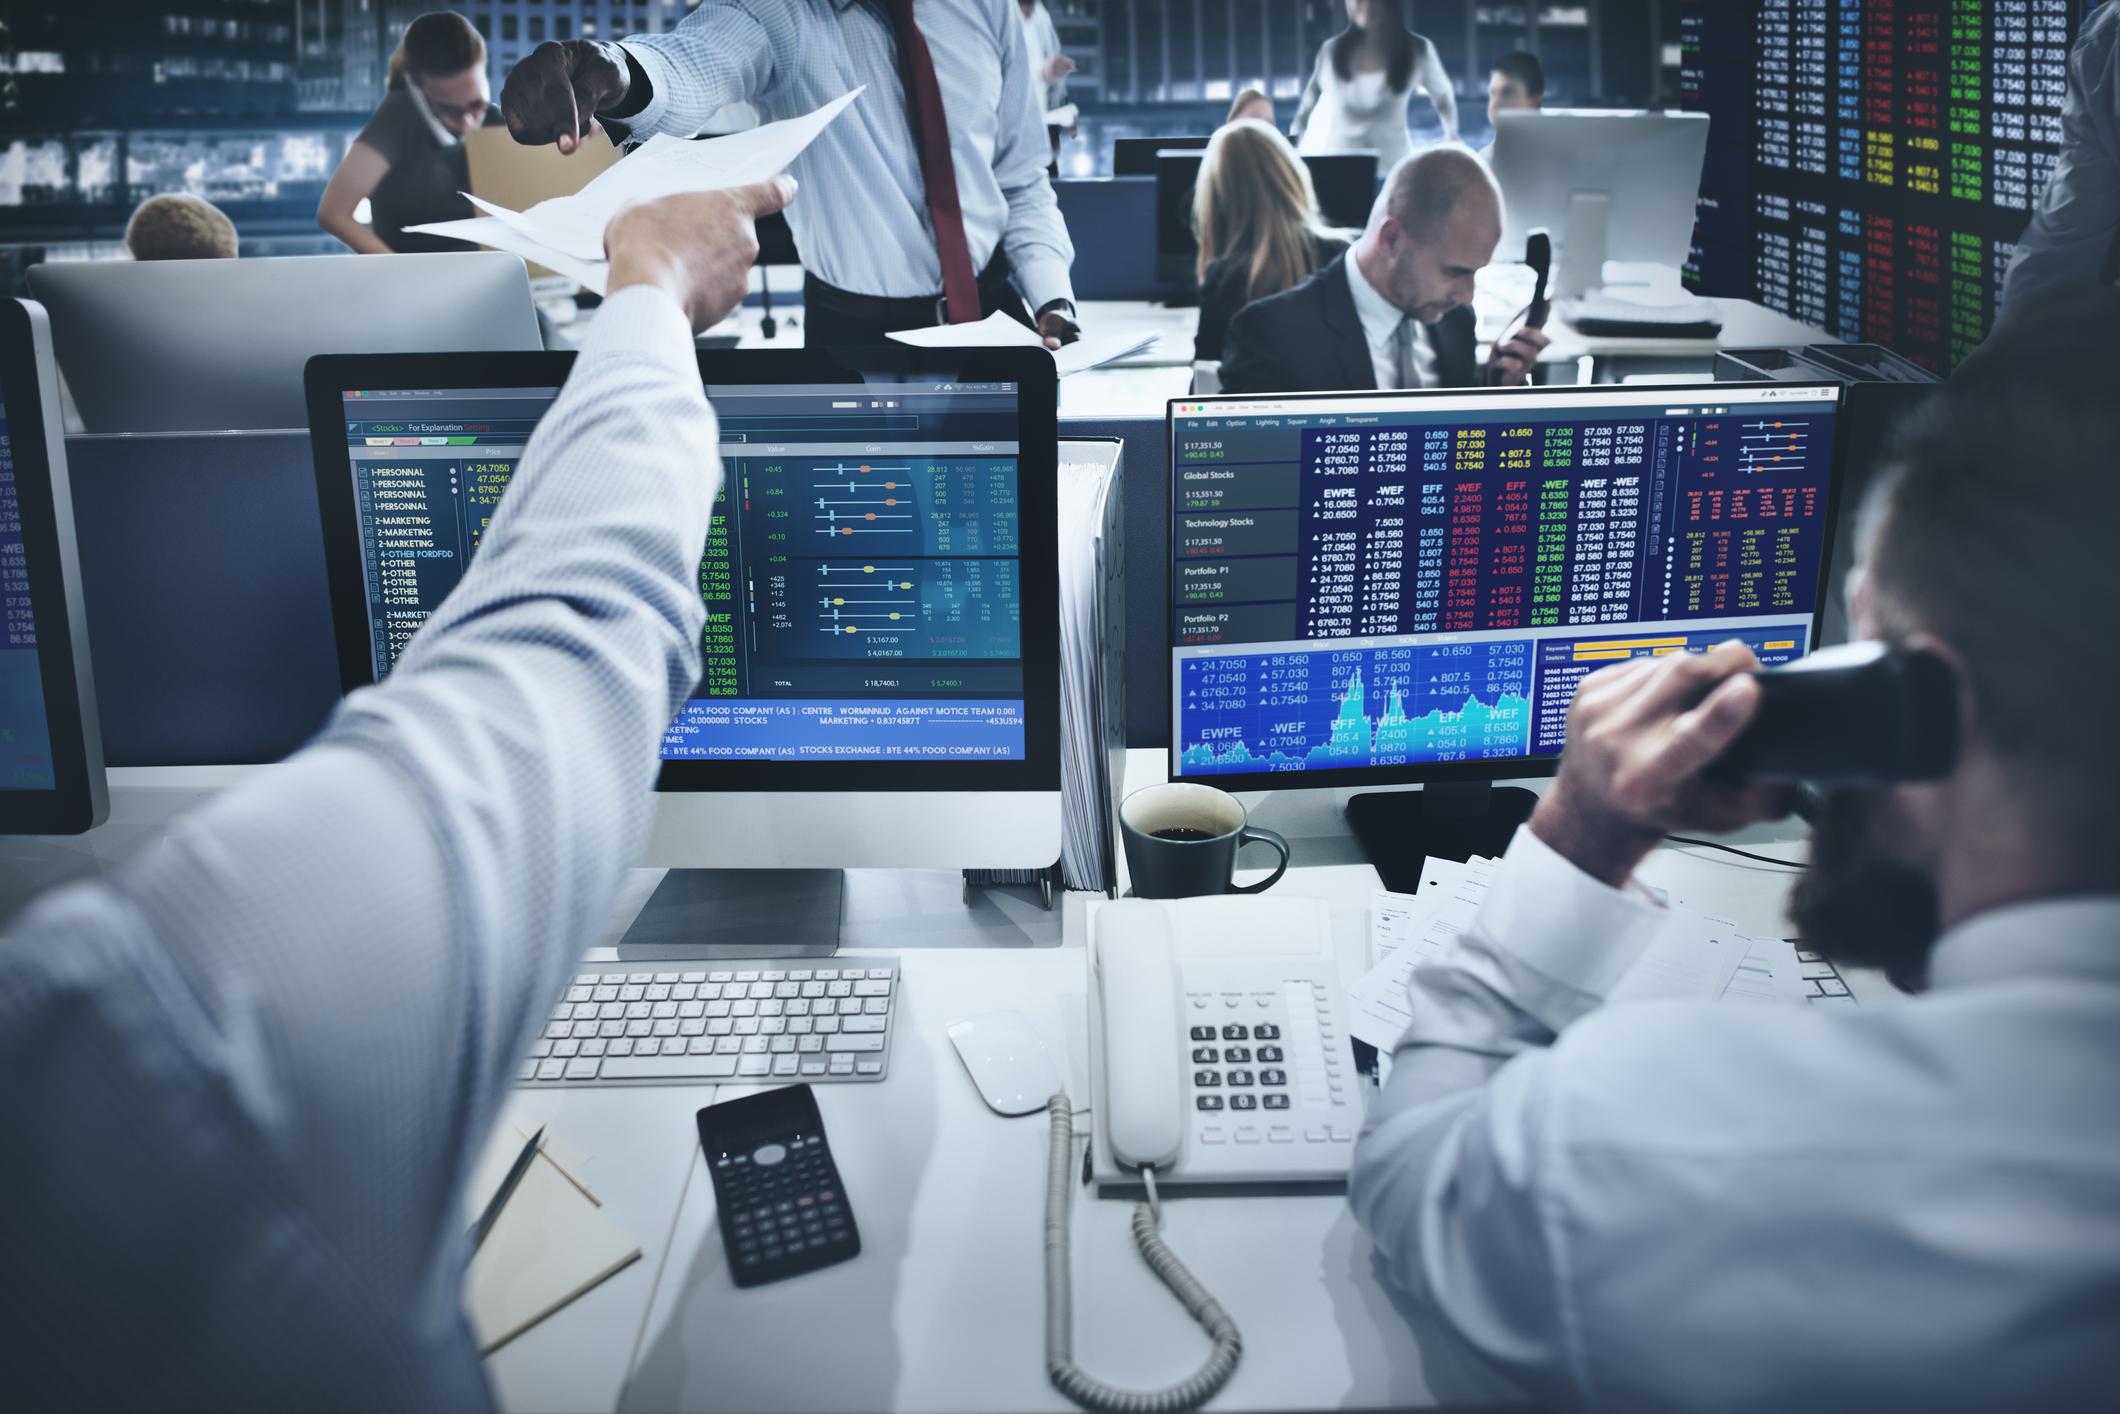 Investors trade stocks on a Wall Street trading desk.